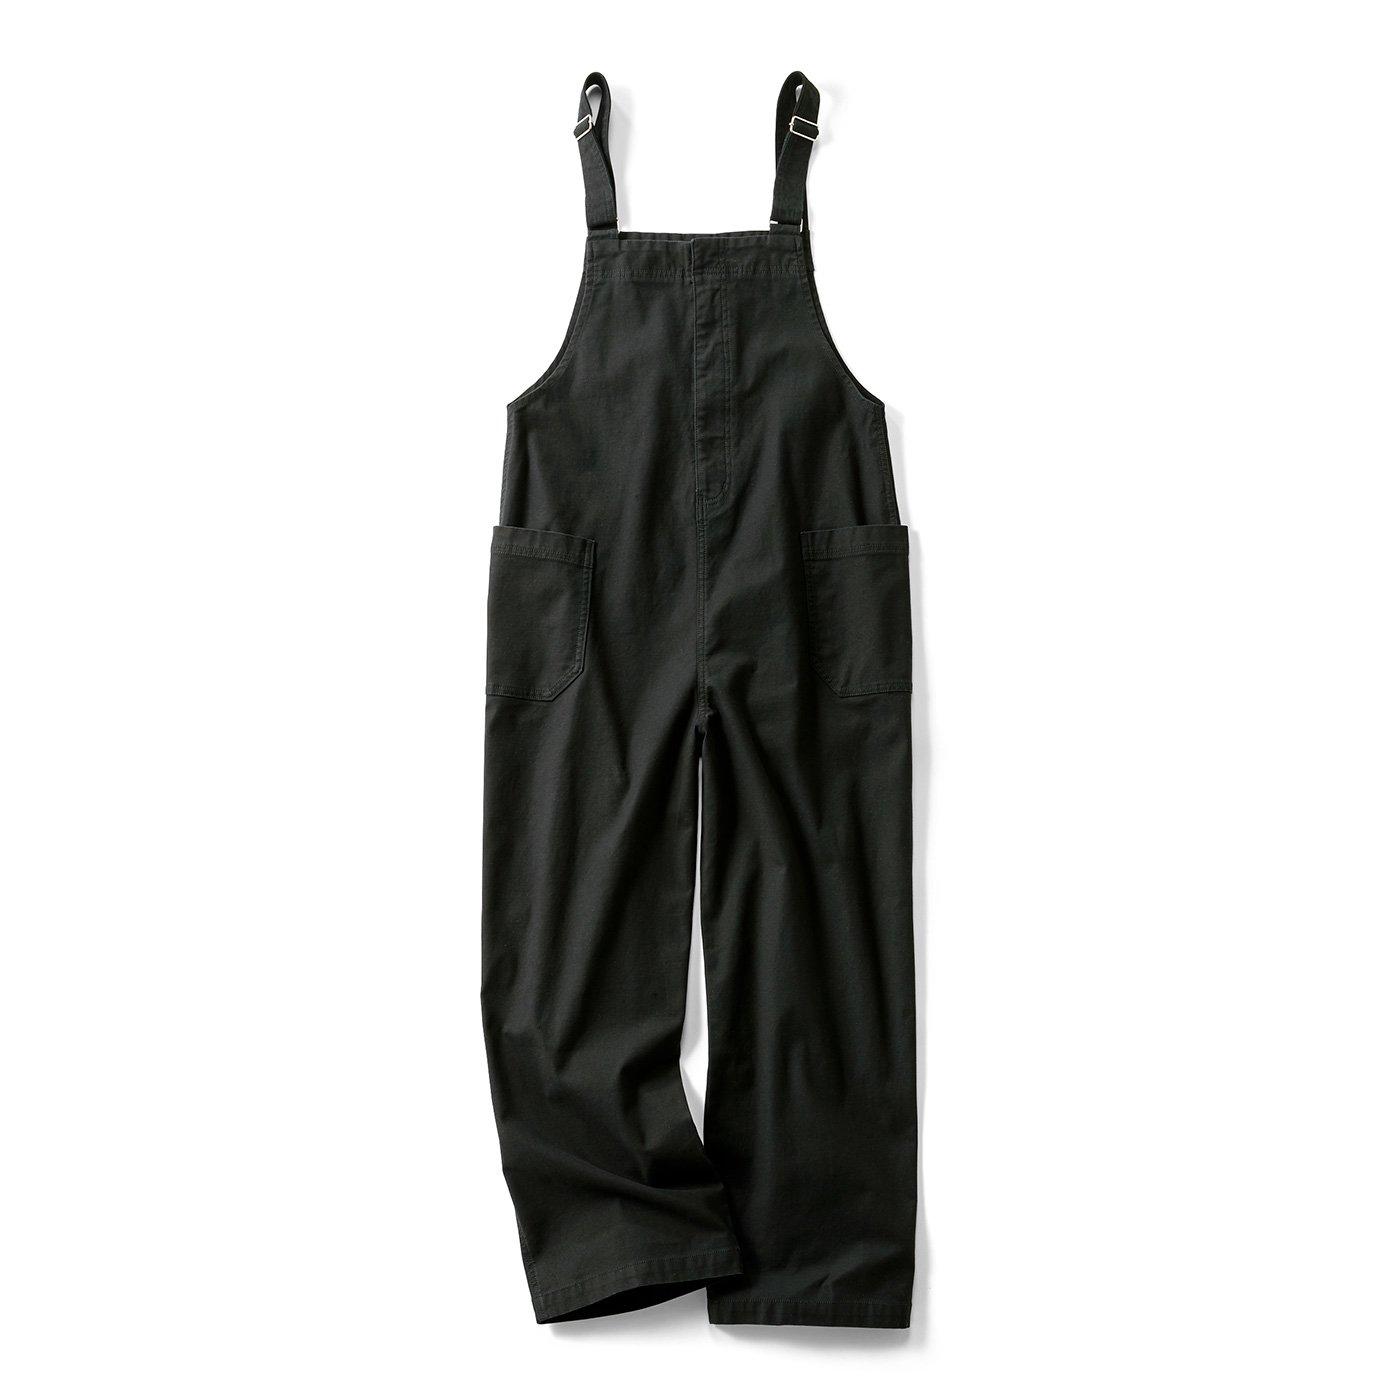 リブ イン コンフォート ワンピース感覚で着られる 大人のカジュアルサロペット〈ブラック〉